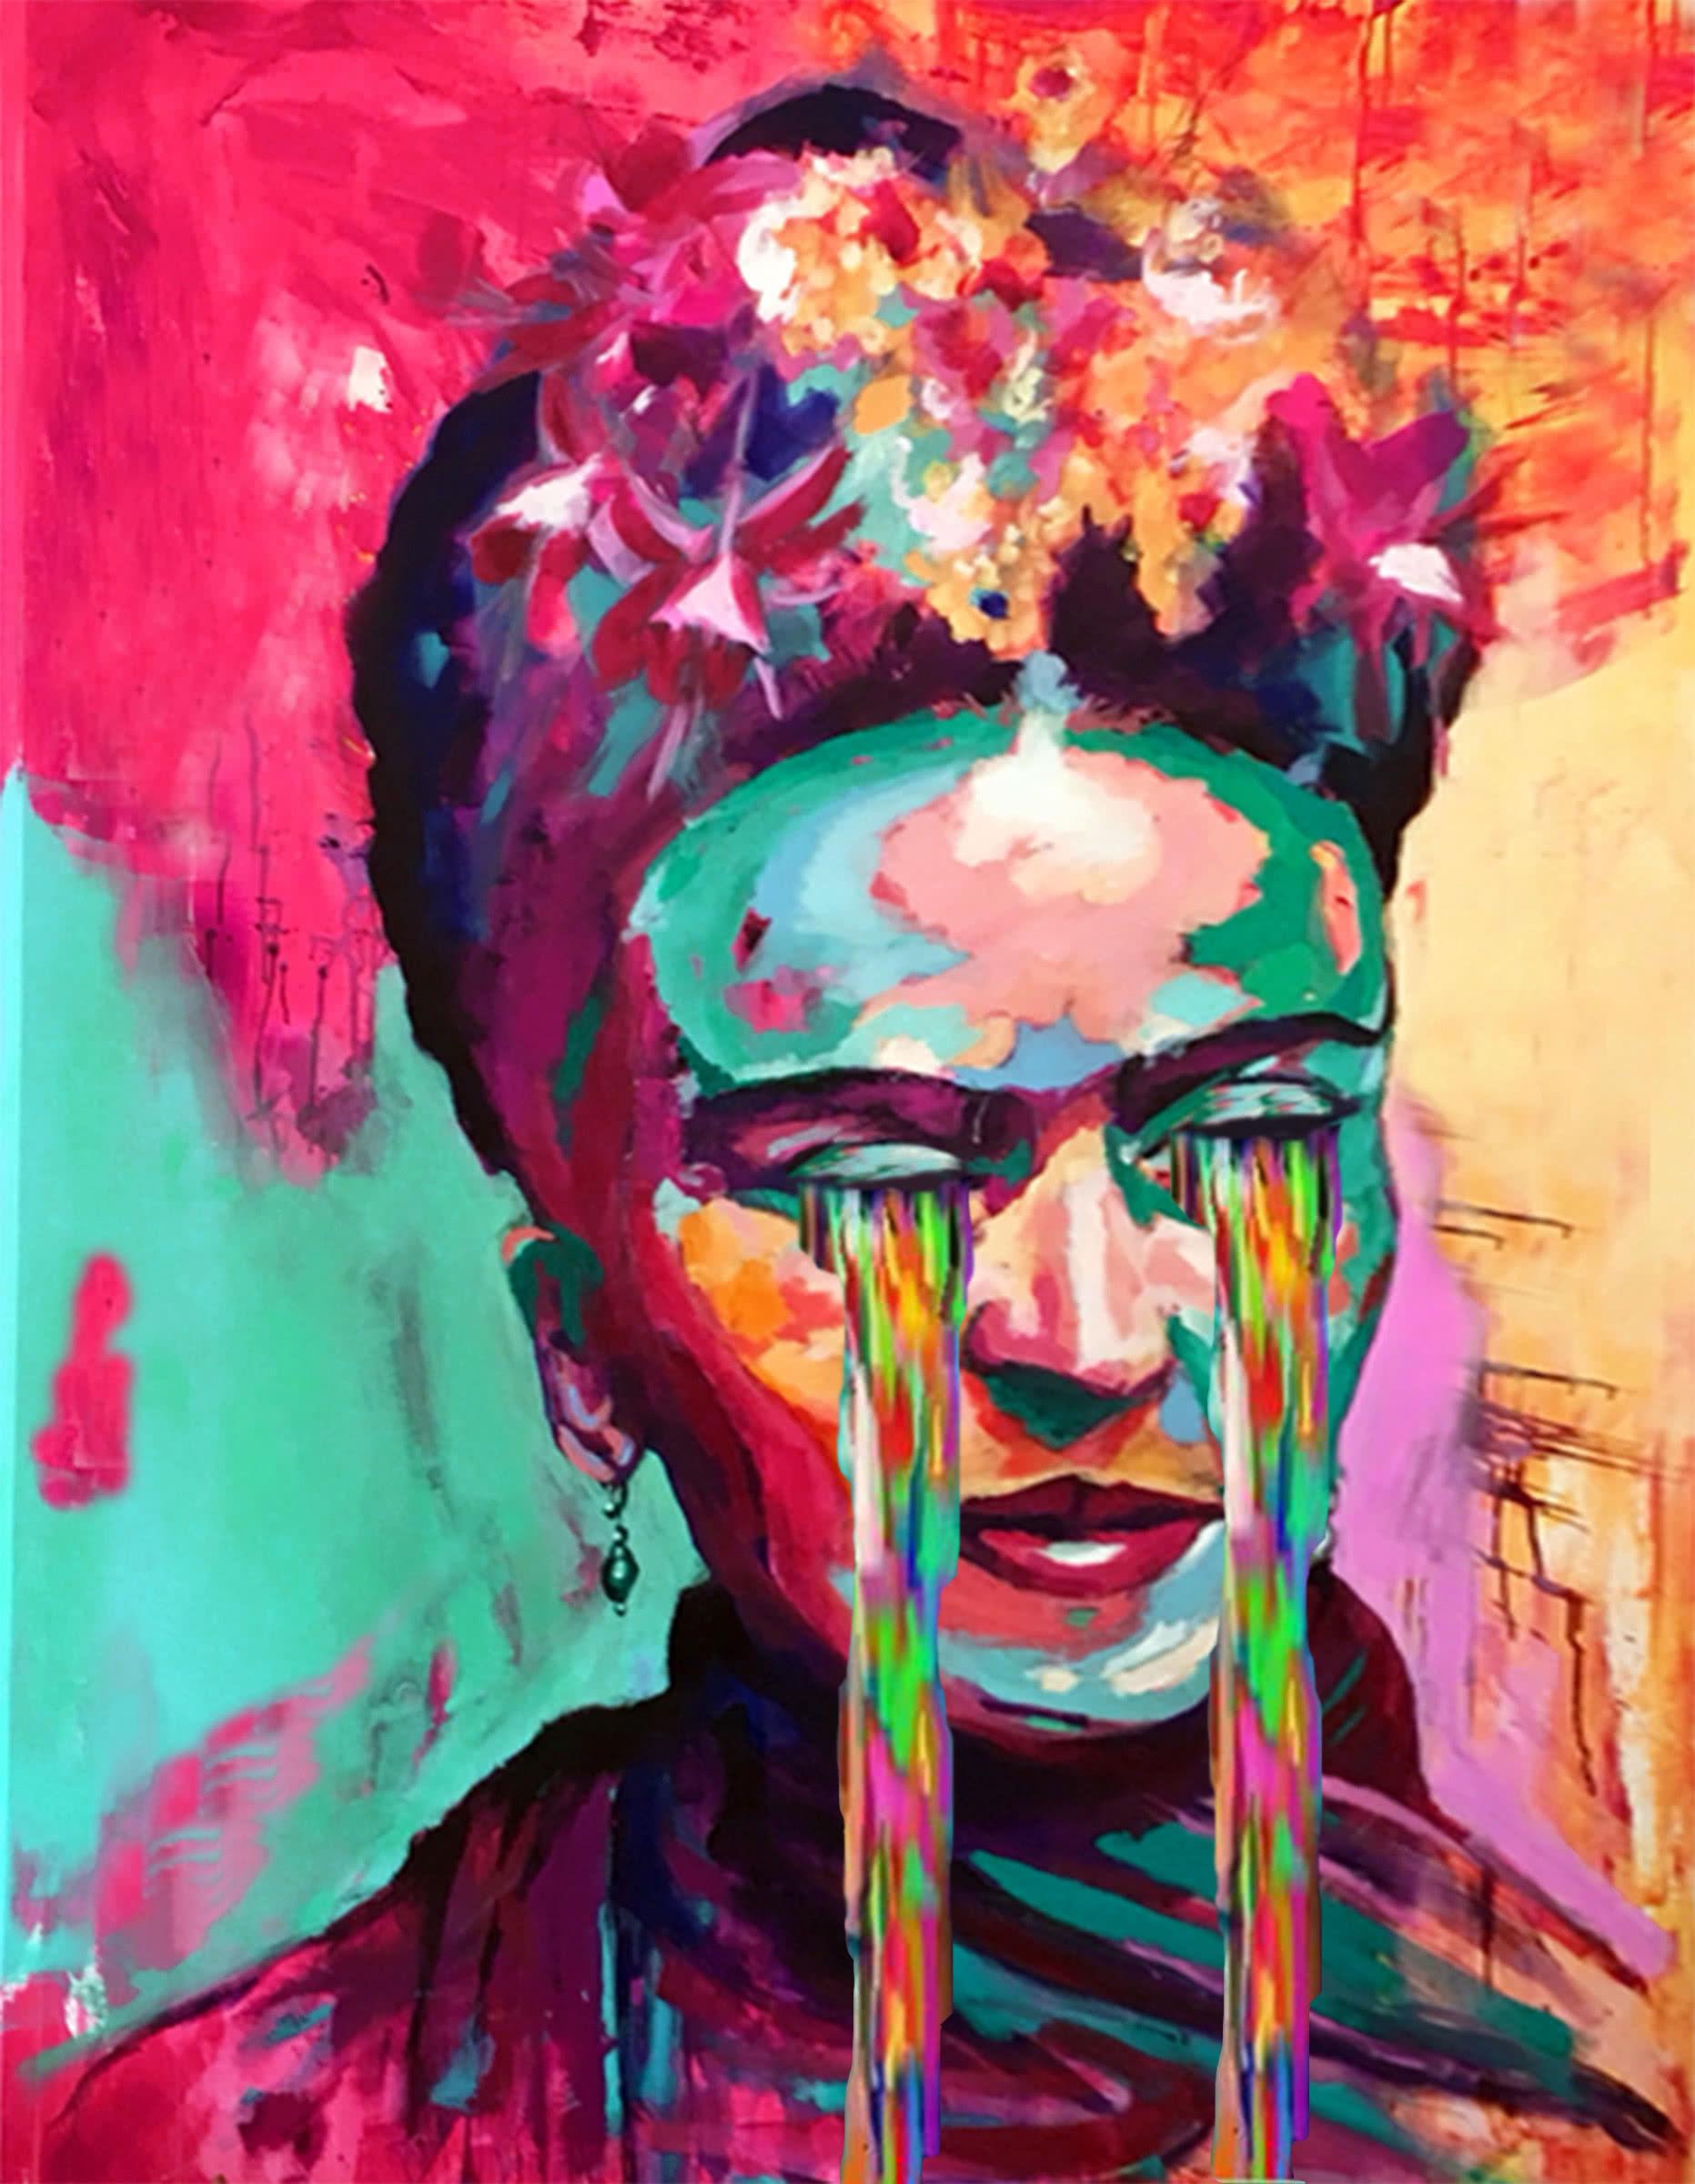 Crying Frida Kahlo